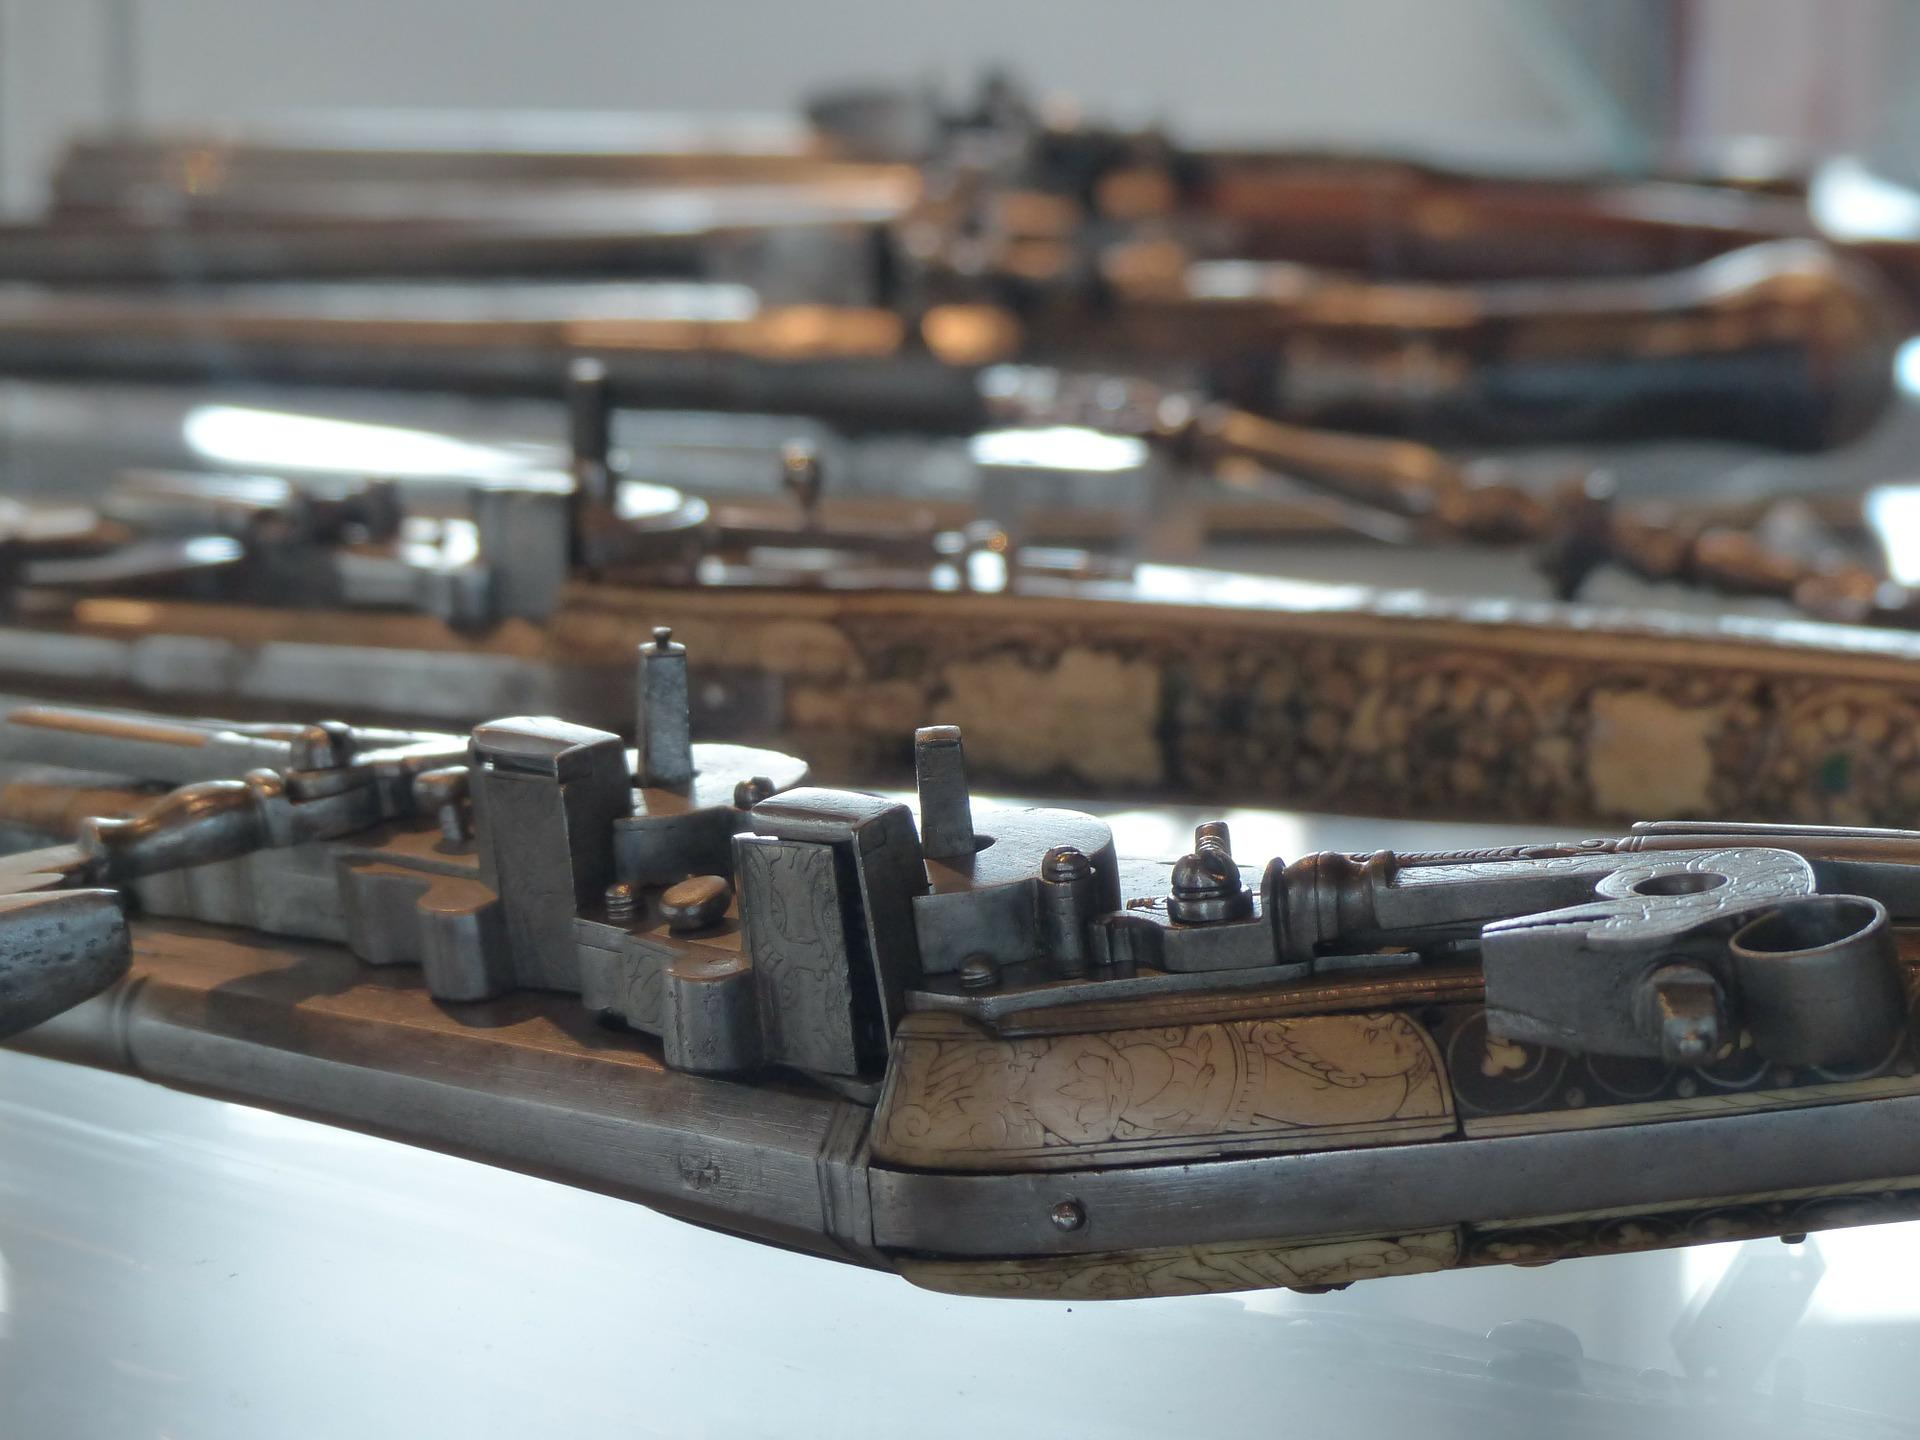 Der kleine Waffenschein, sein renitenter Besitzer – und keine Notwehr